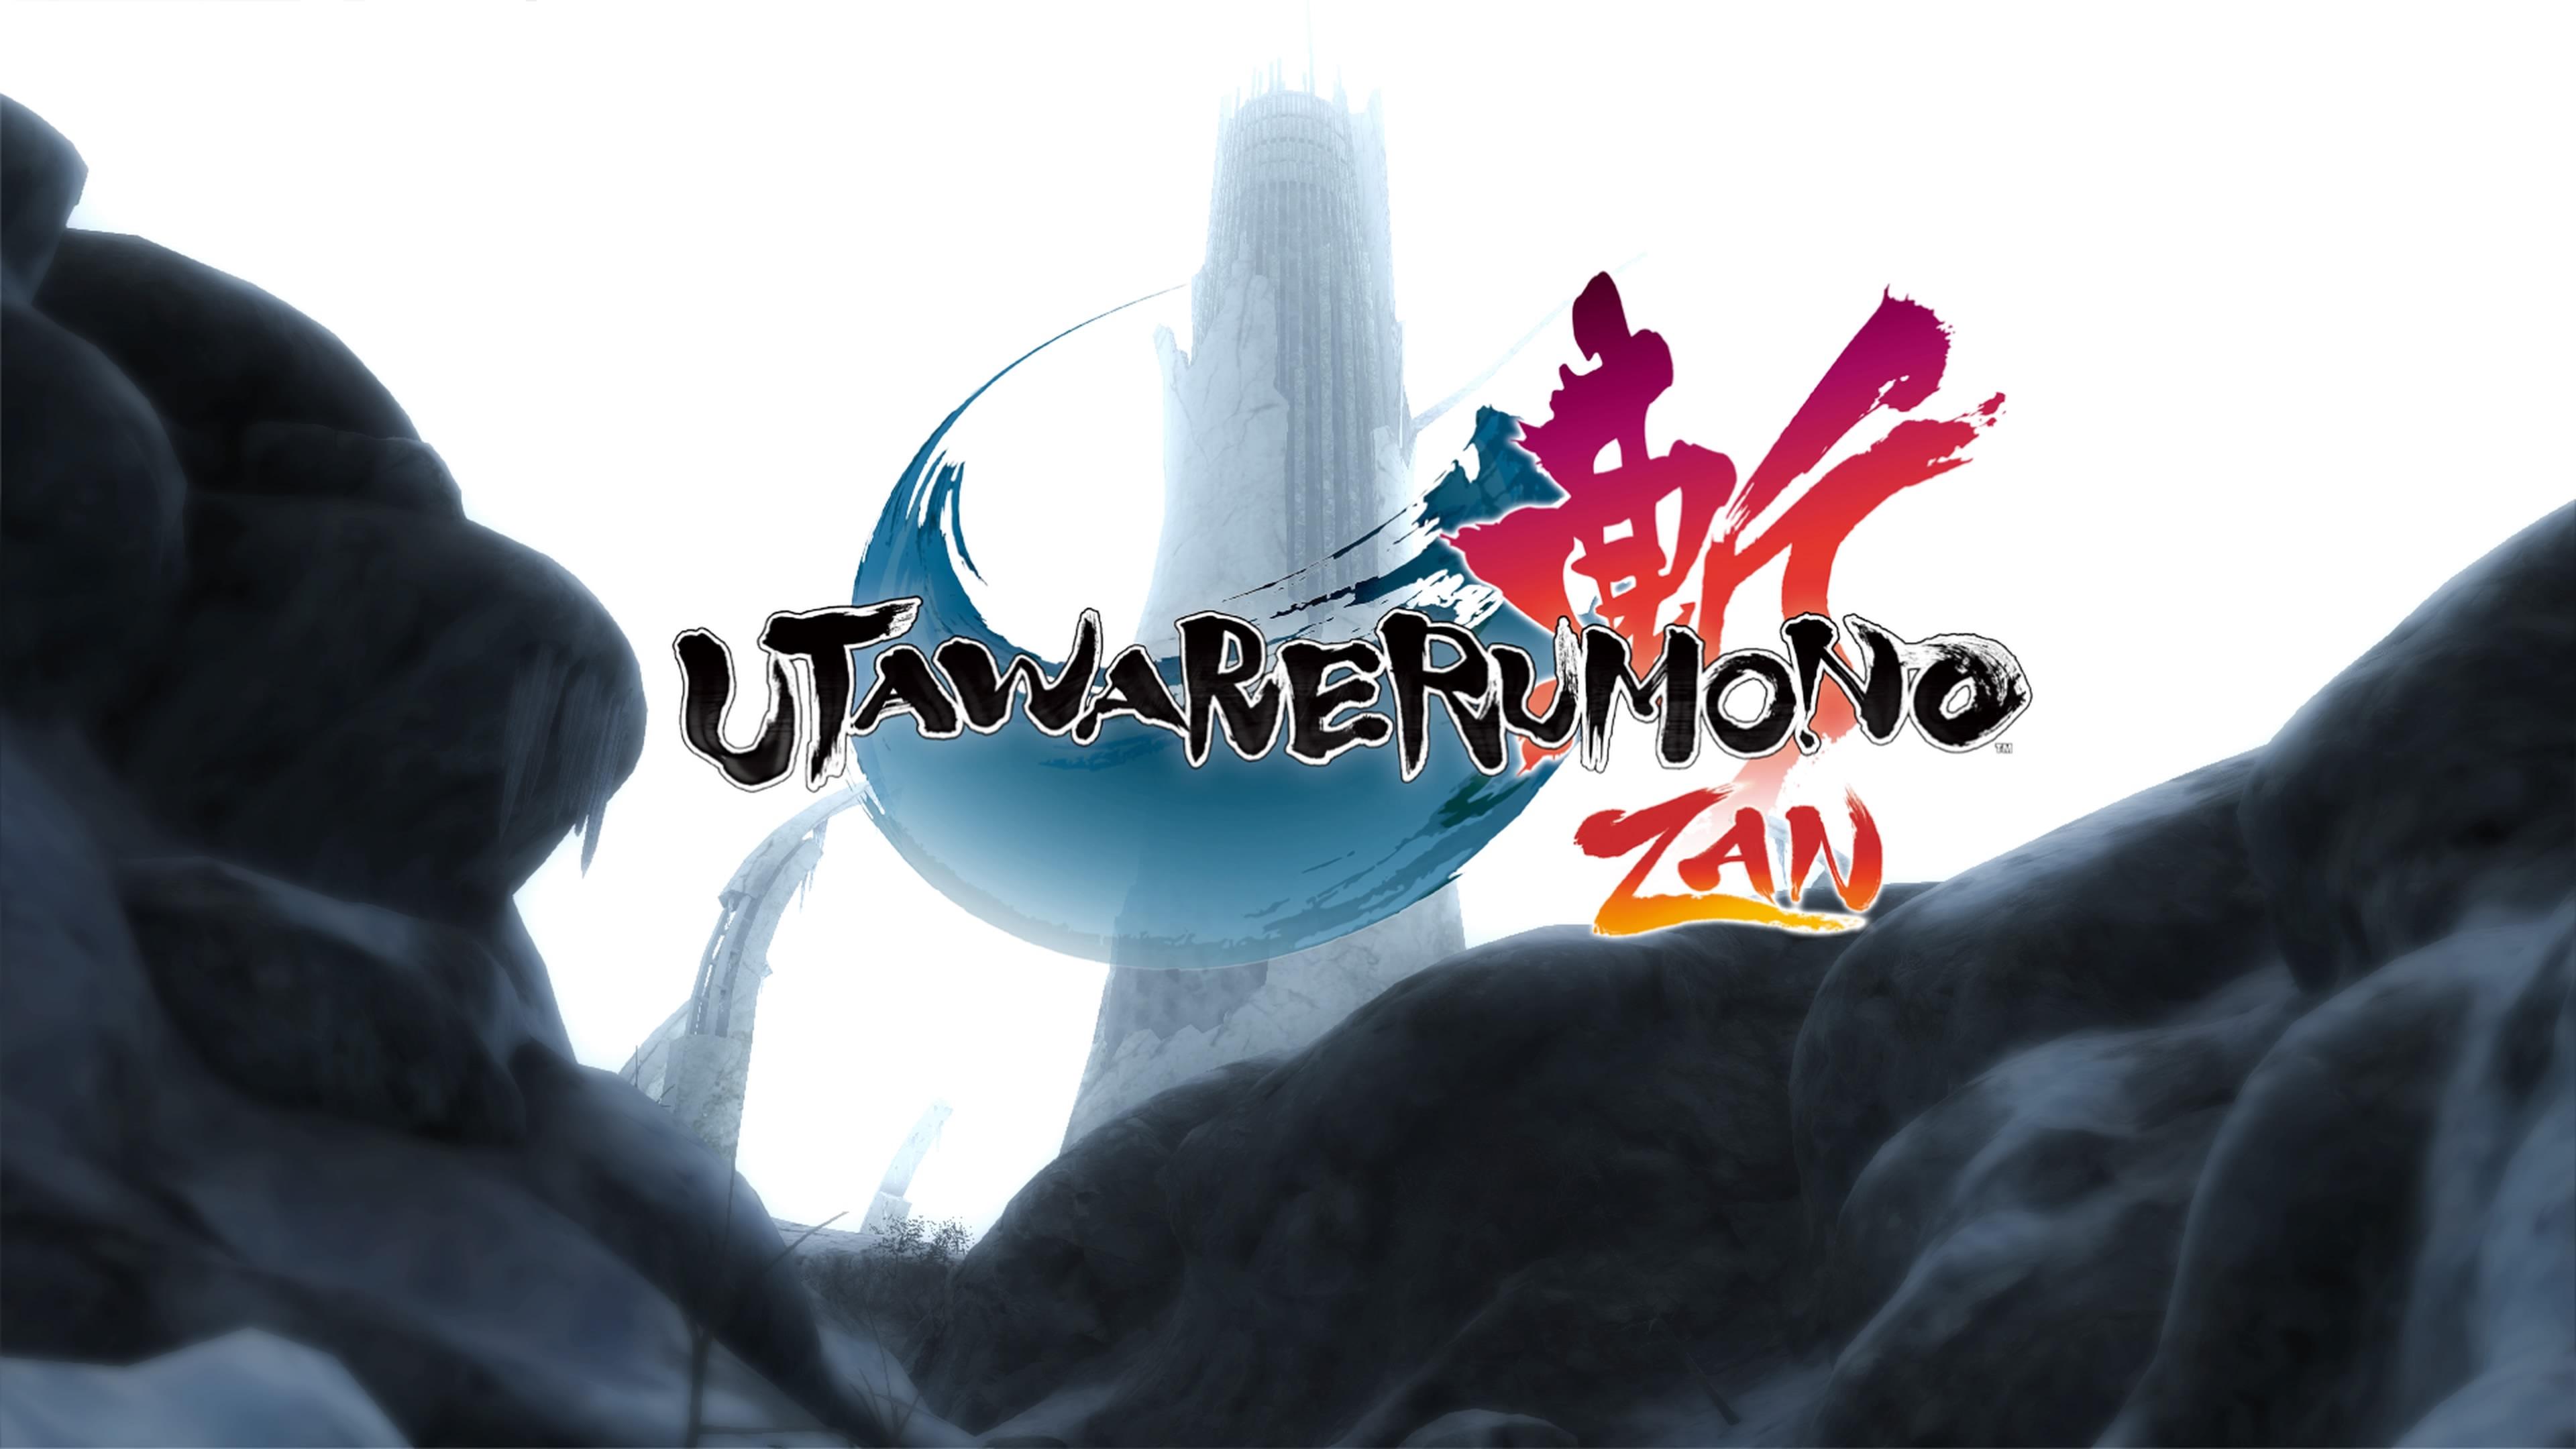 UtawarerumonoZAN PS4 Test 001